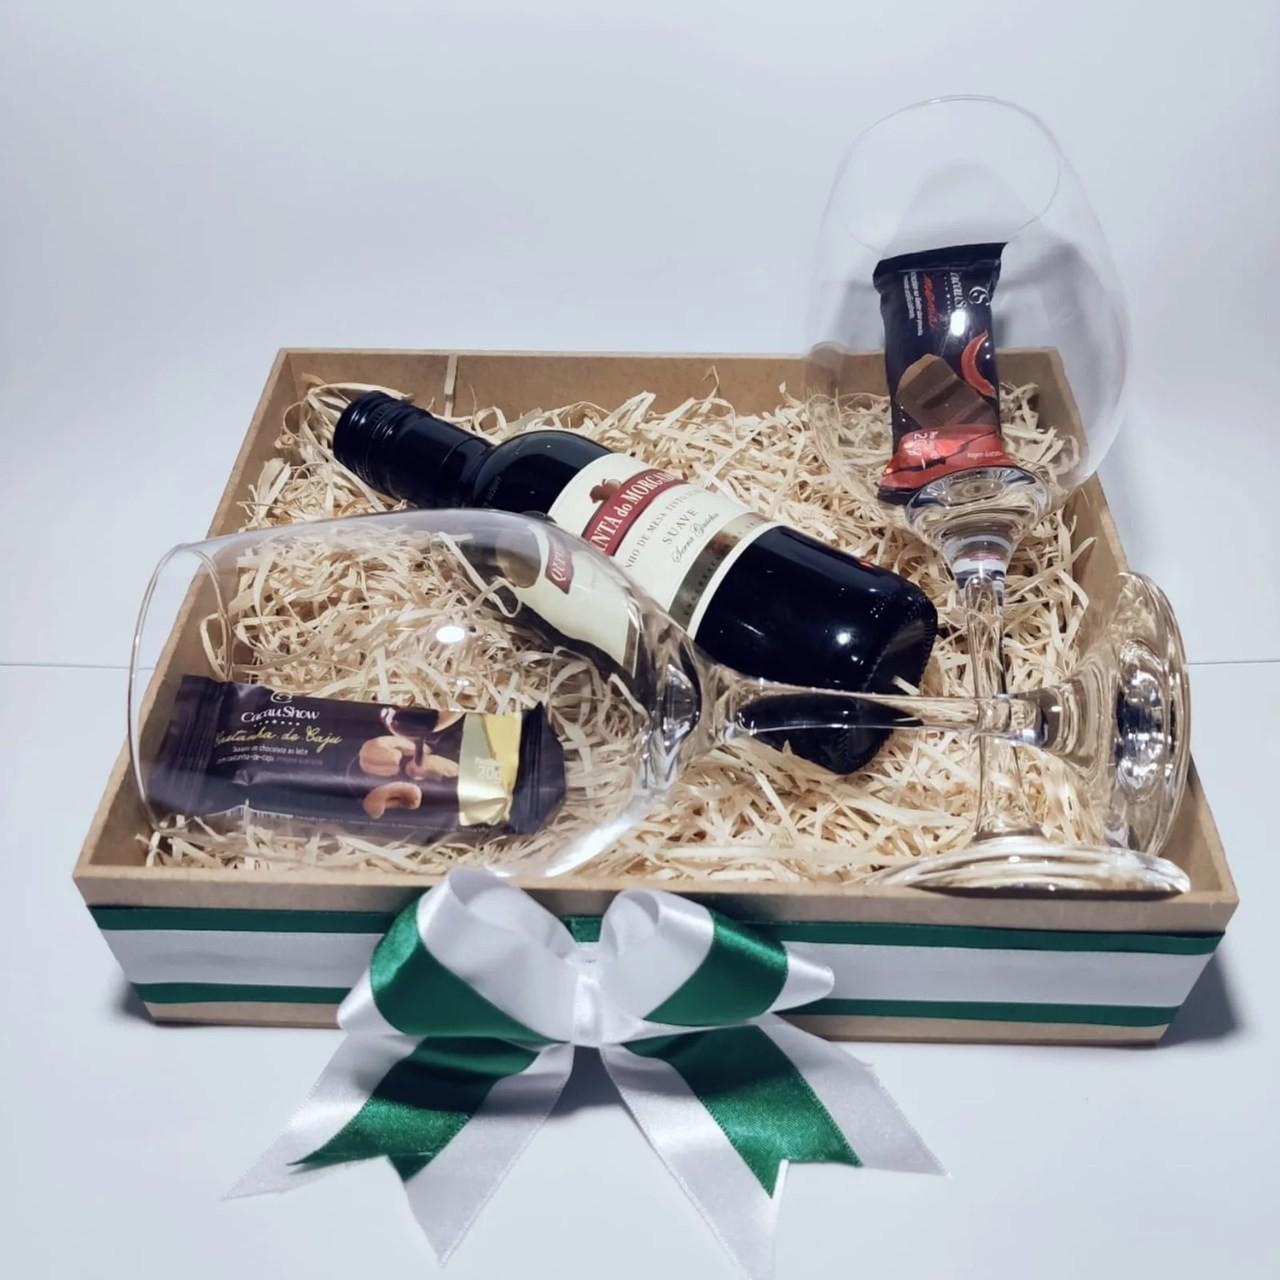 Caixa Comemorativa com Vinho e Chocolates